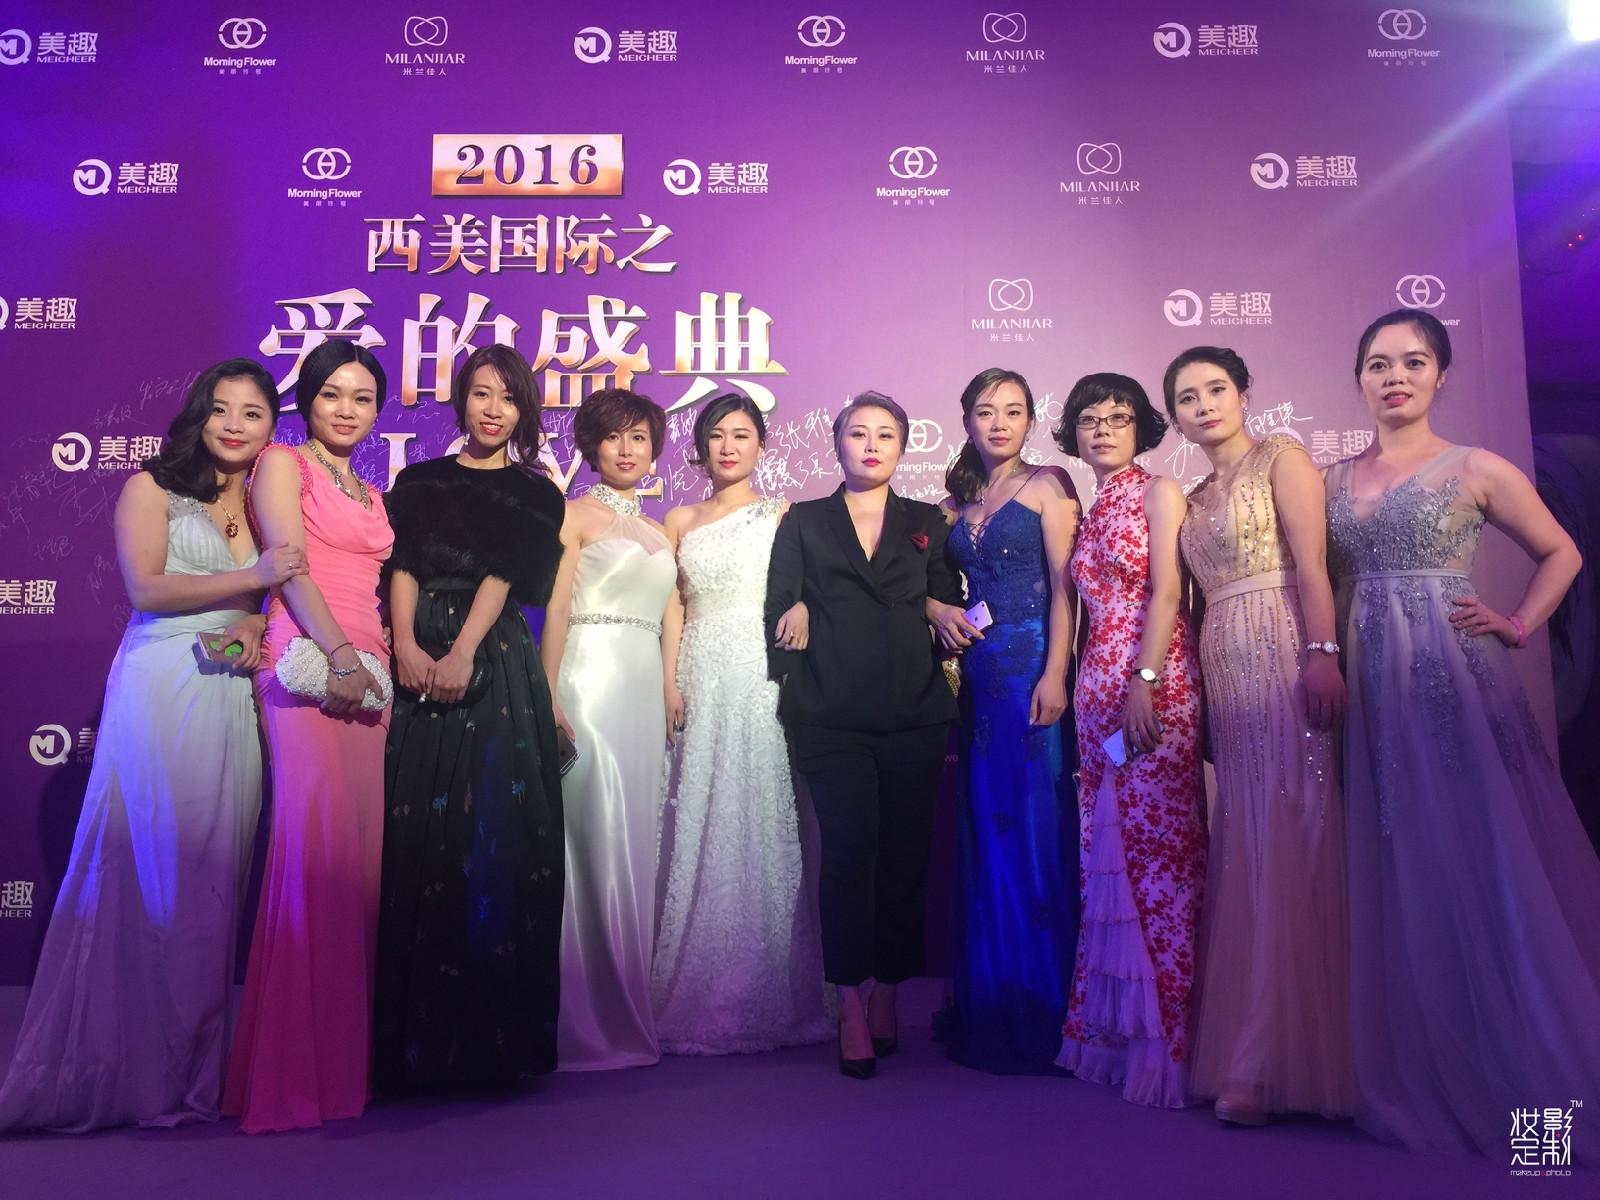 深圳年会化妆,深圳活动化妆,深圳演出化妆